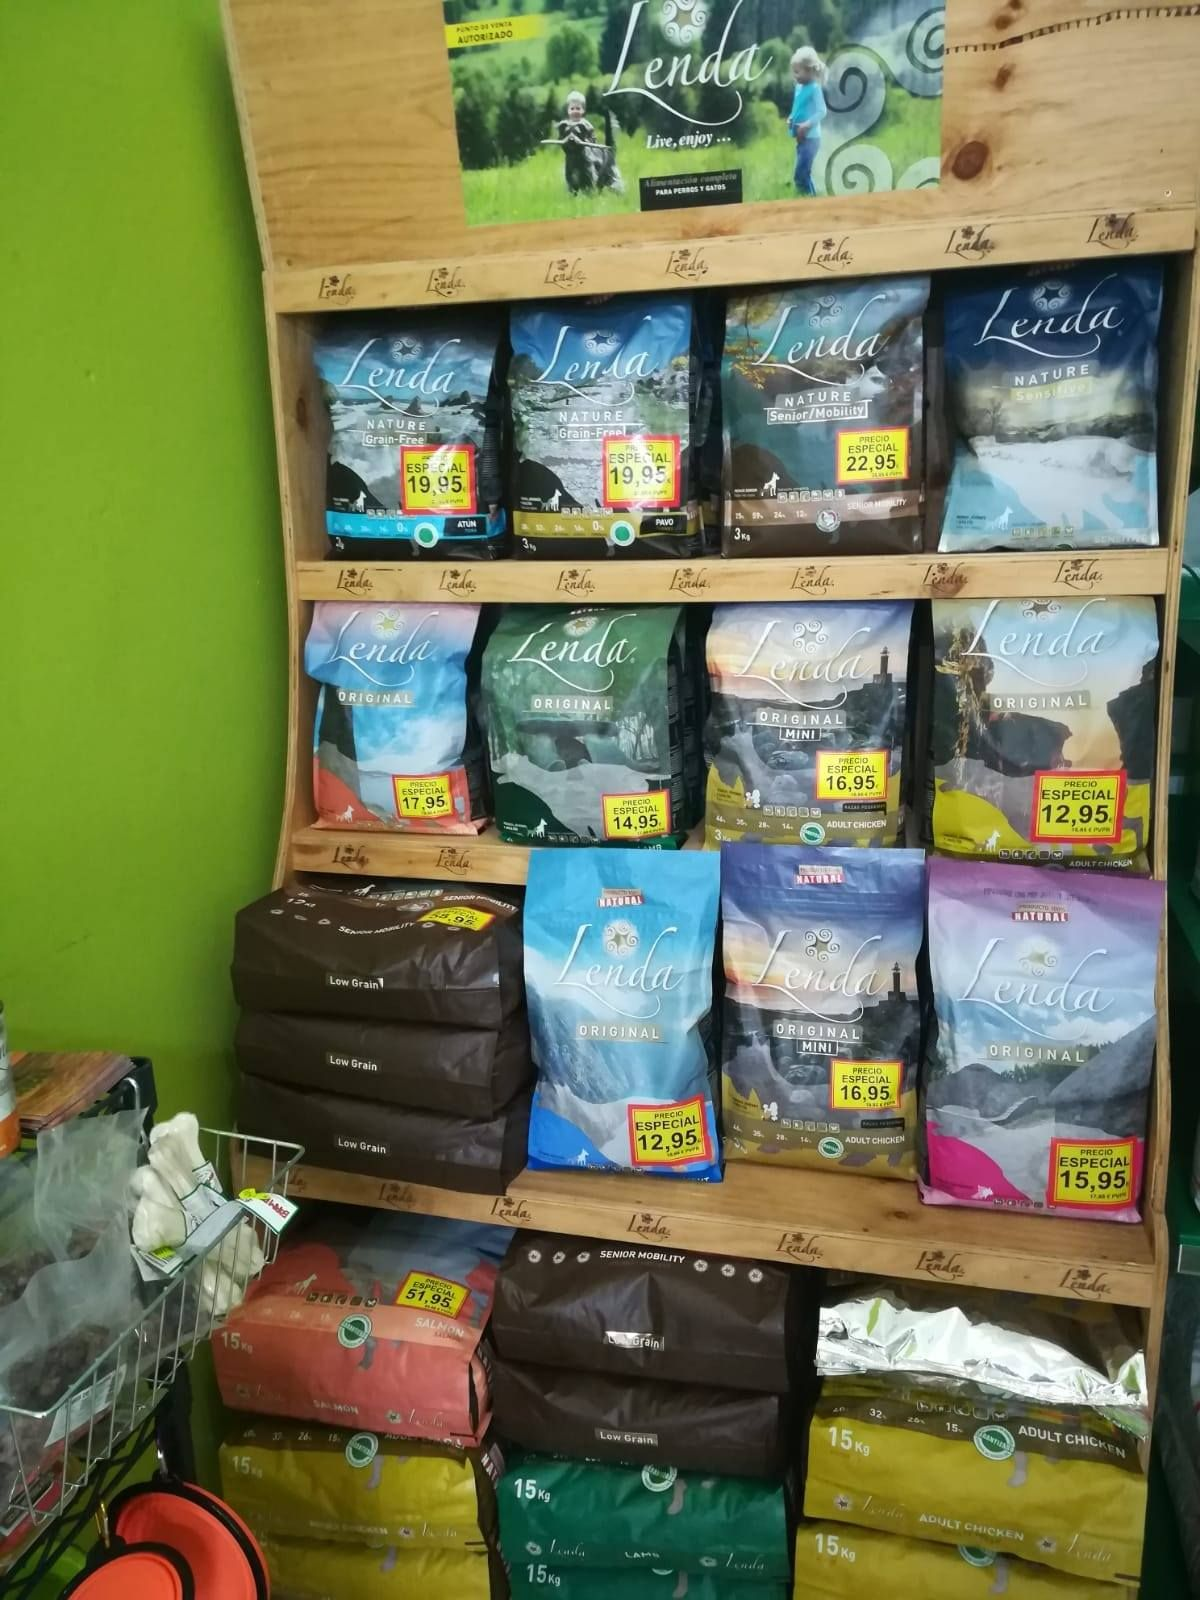 Venta de alimentos y accesorios para mascotas en Tenerife norte